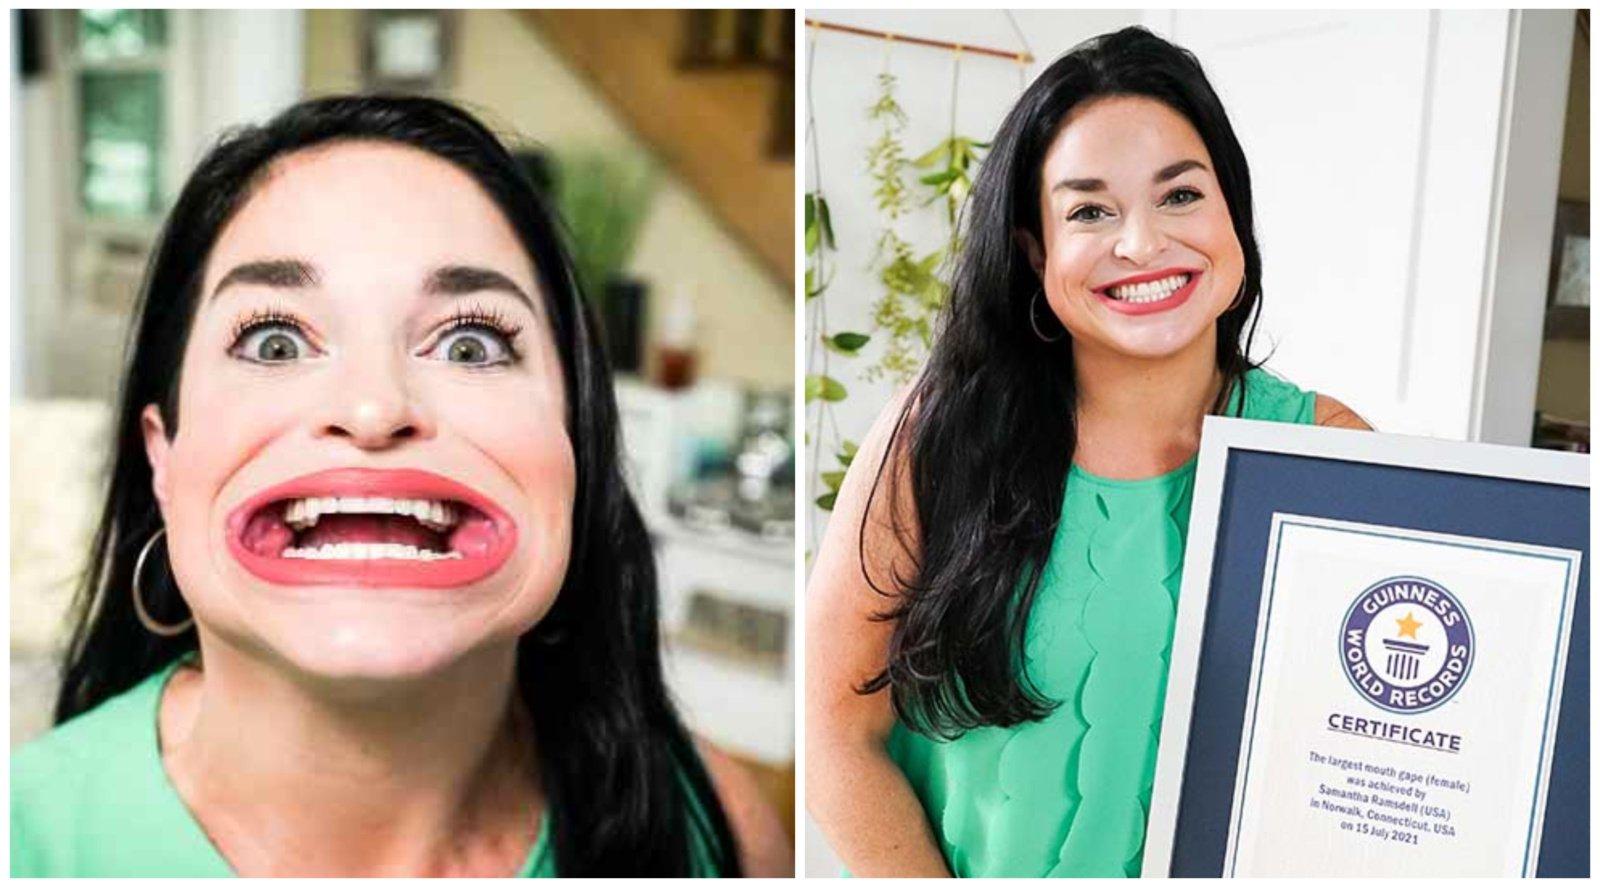 Gineso rekordininkė turi didžiausią burną pasaulyje